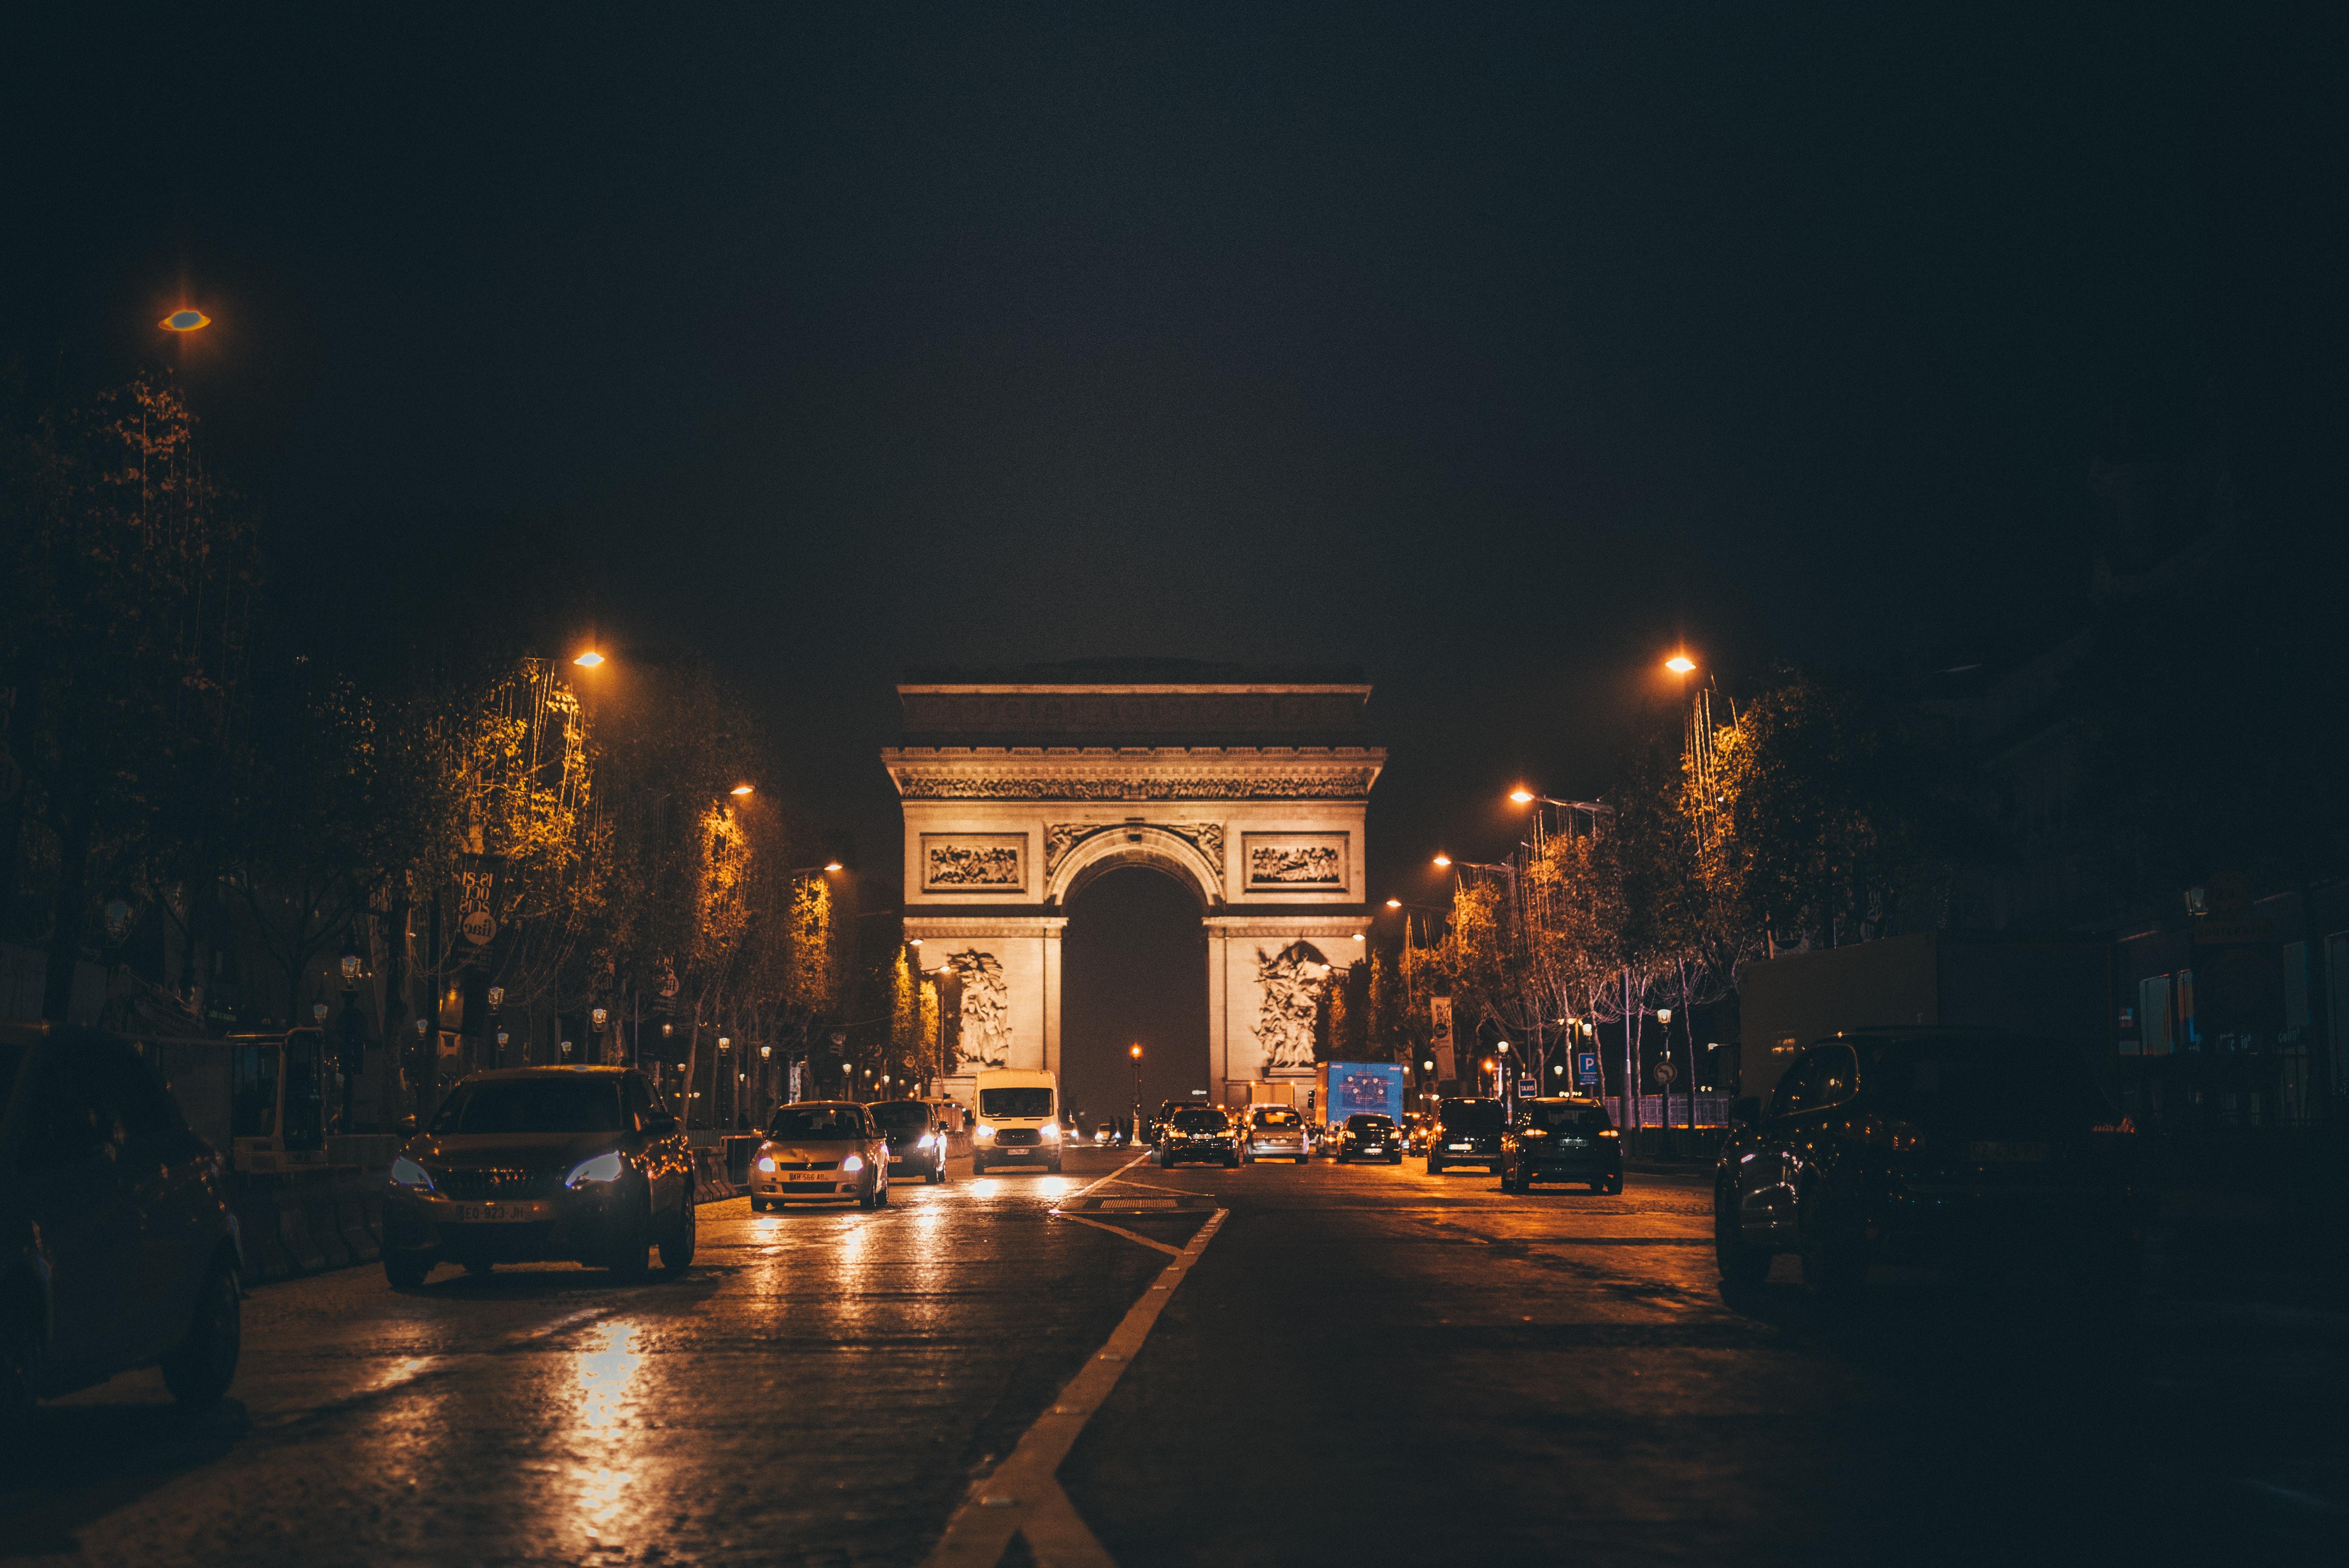 Most Instagrammable places in Paris, Arc de Triomphe